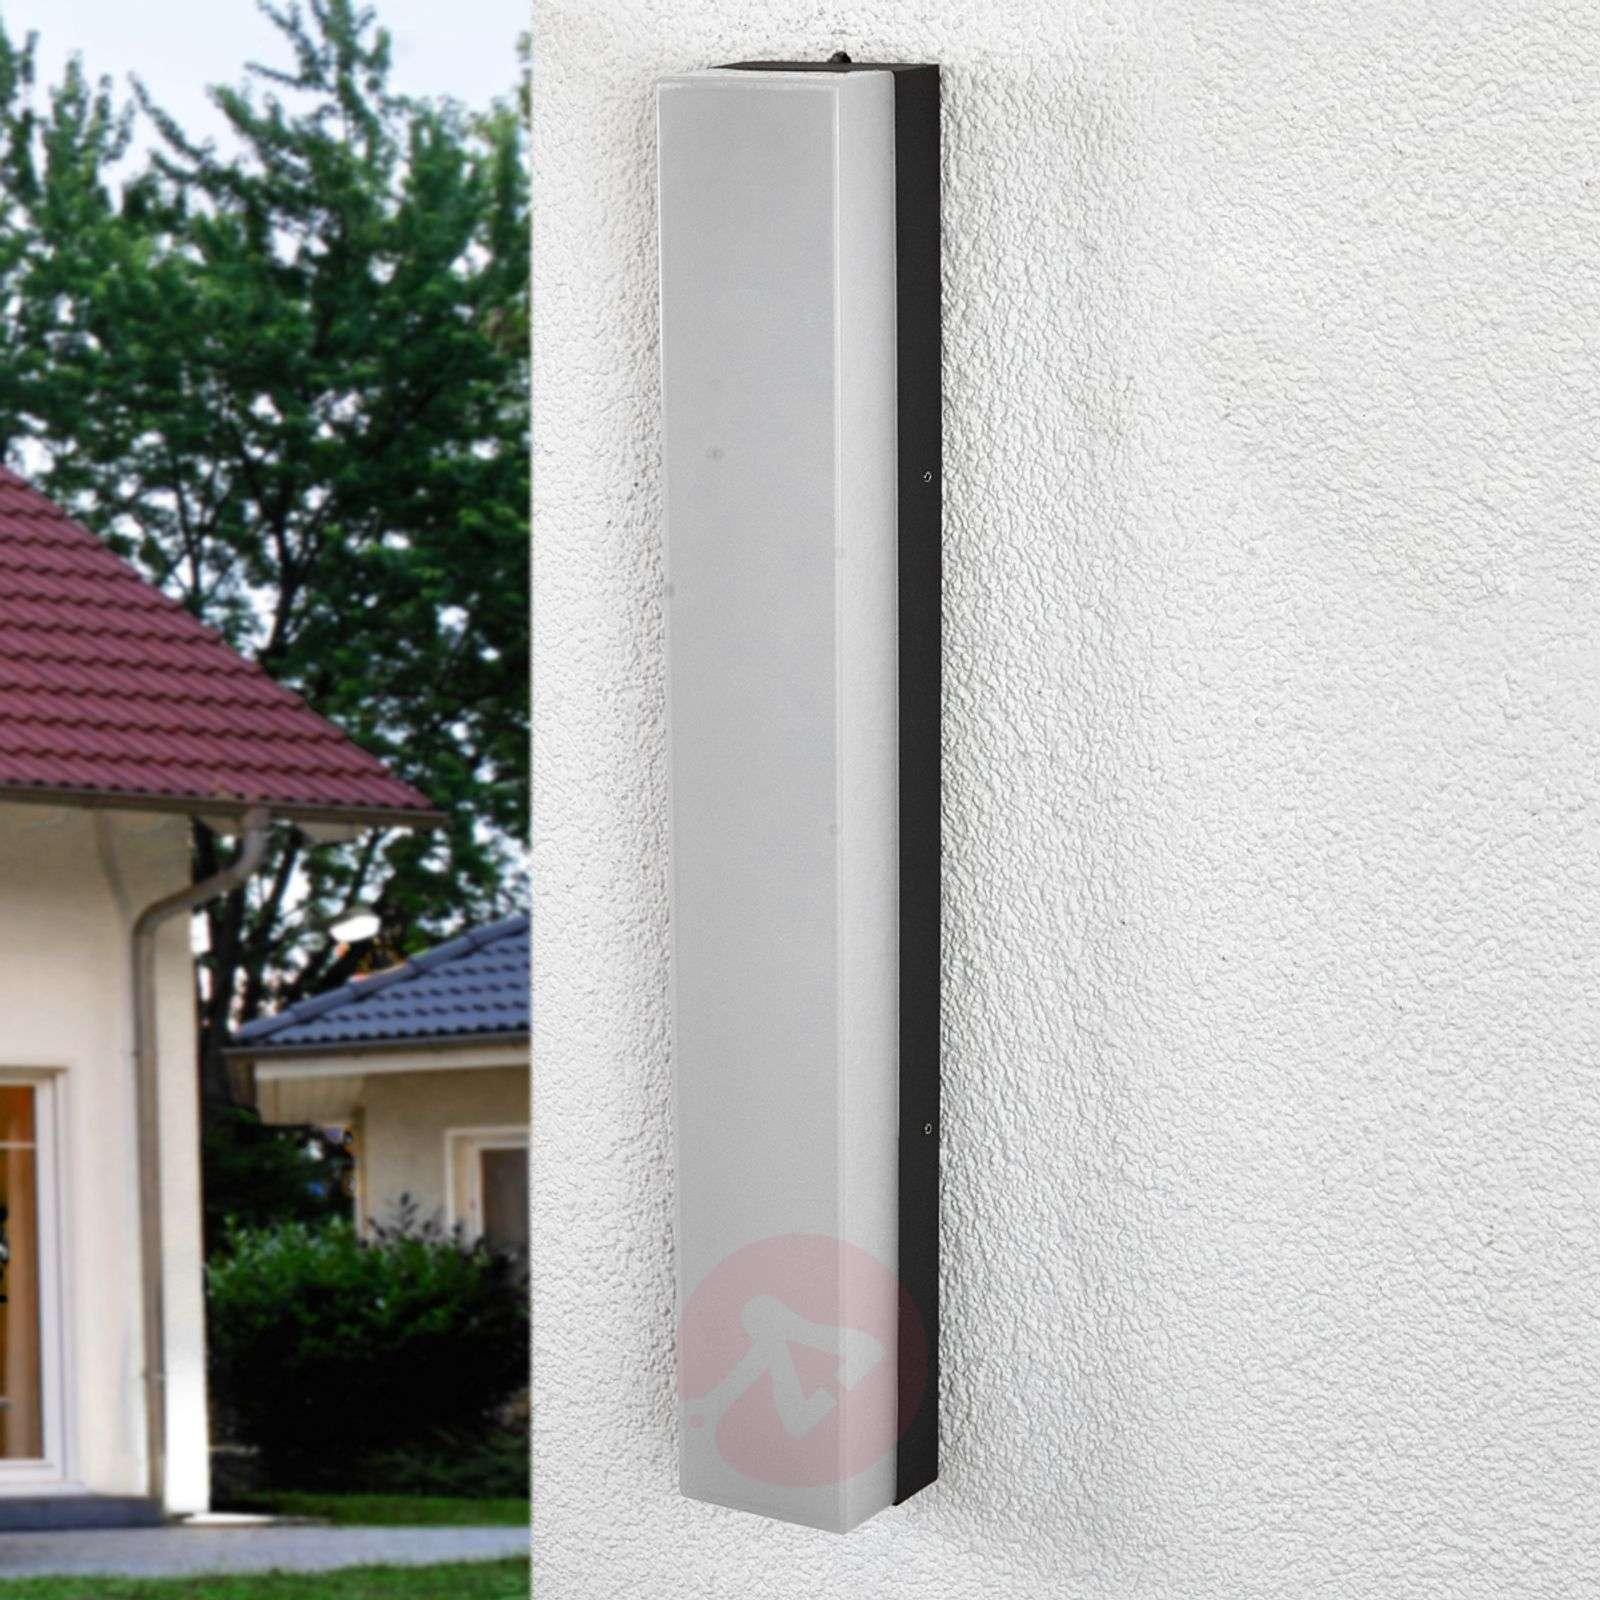 Bright LED outdoor wall lamp Cahita-9969030-01